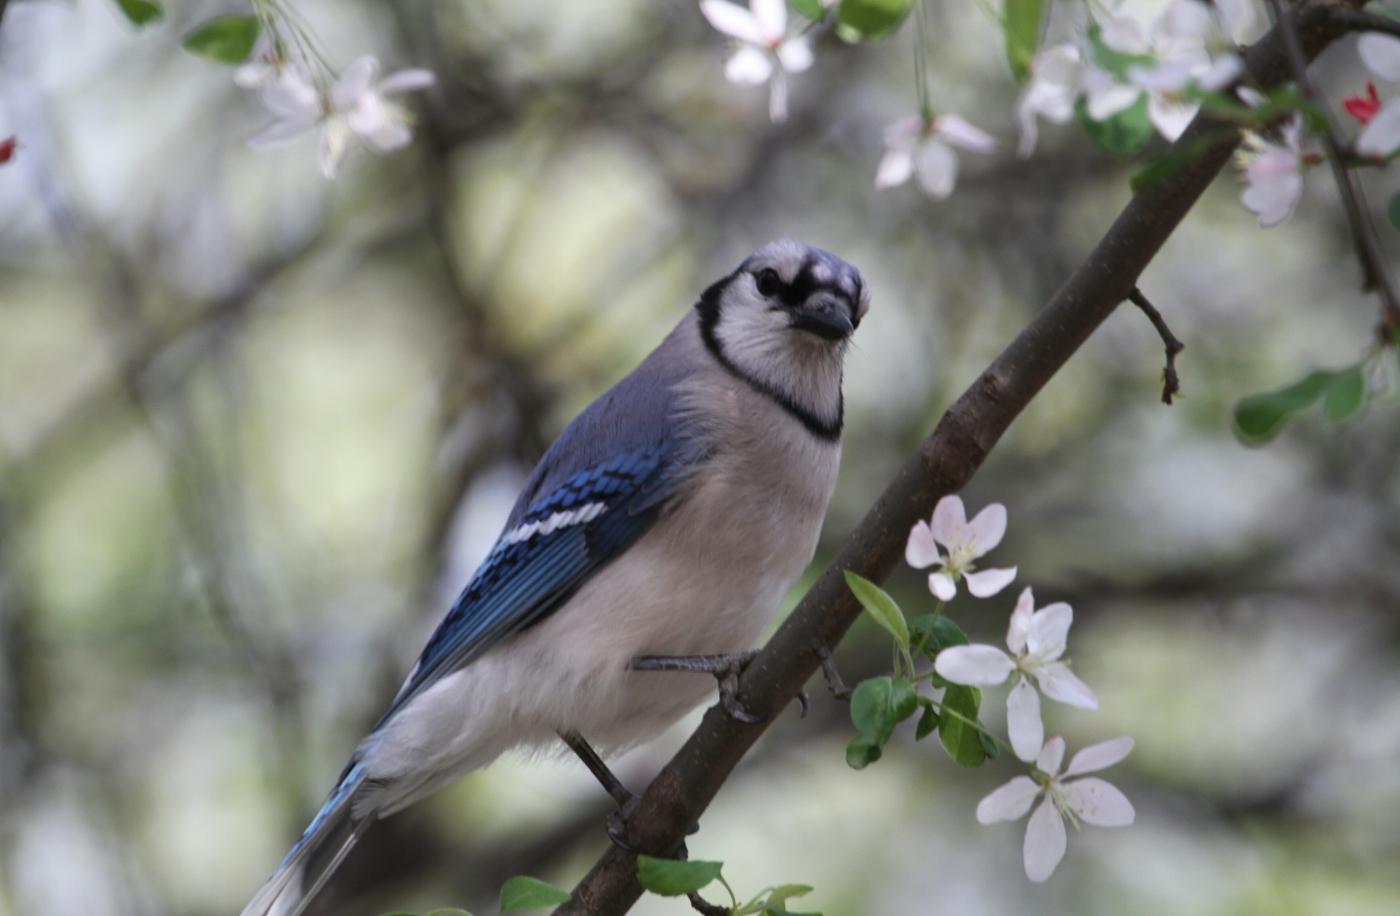 【田螺摄影】春天的随拍_图1-26